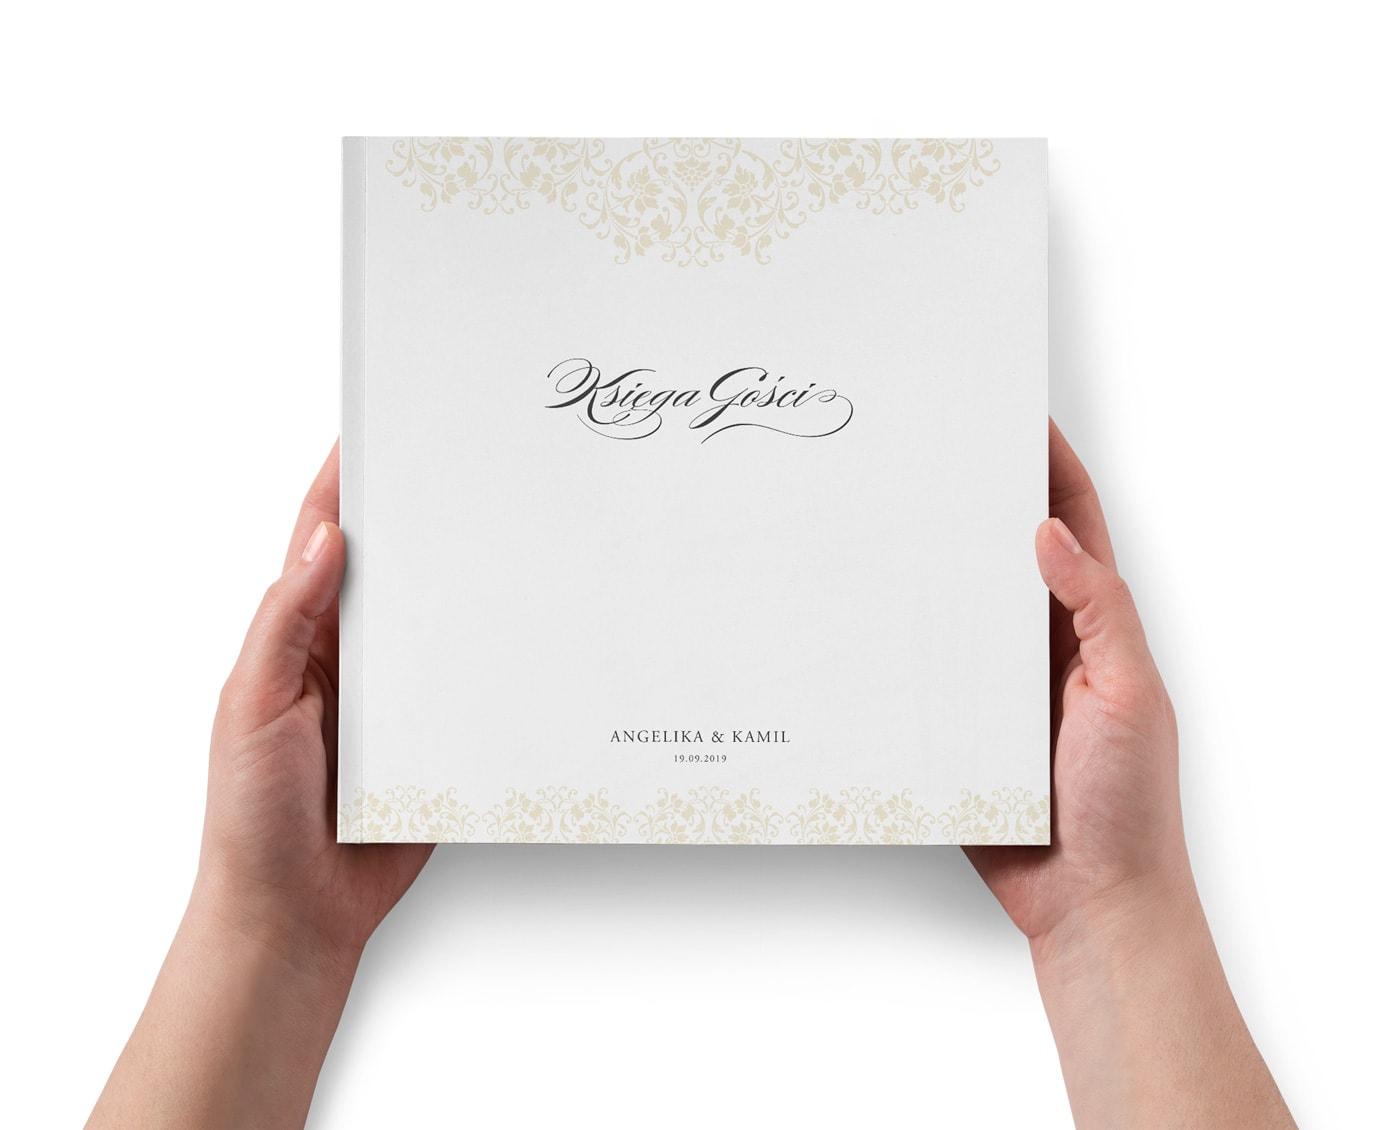 Księga gości weselnych w klasycznej eleganckiej formie albumu